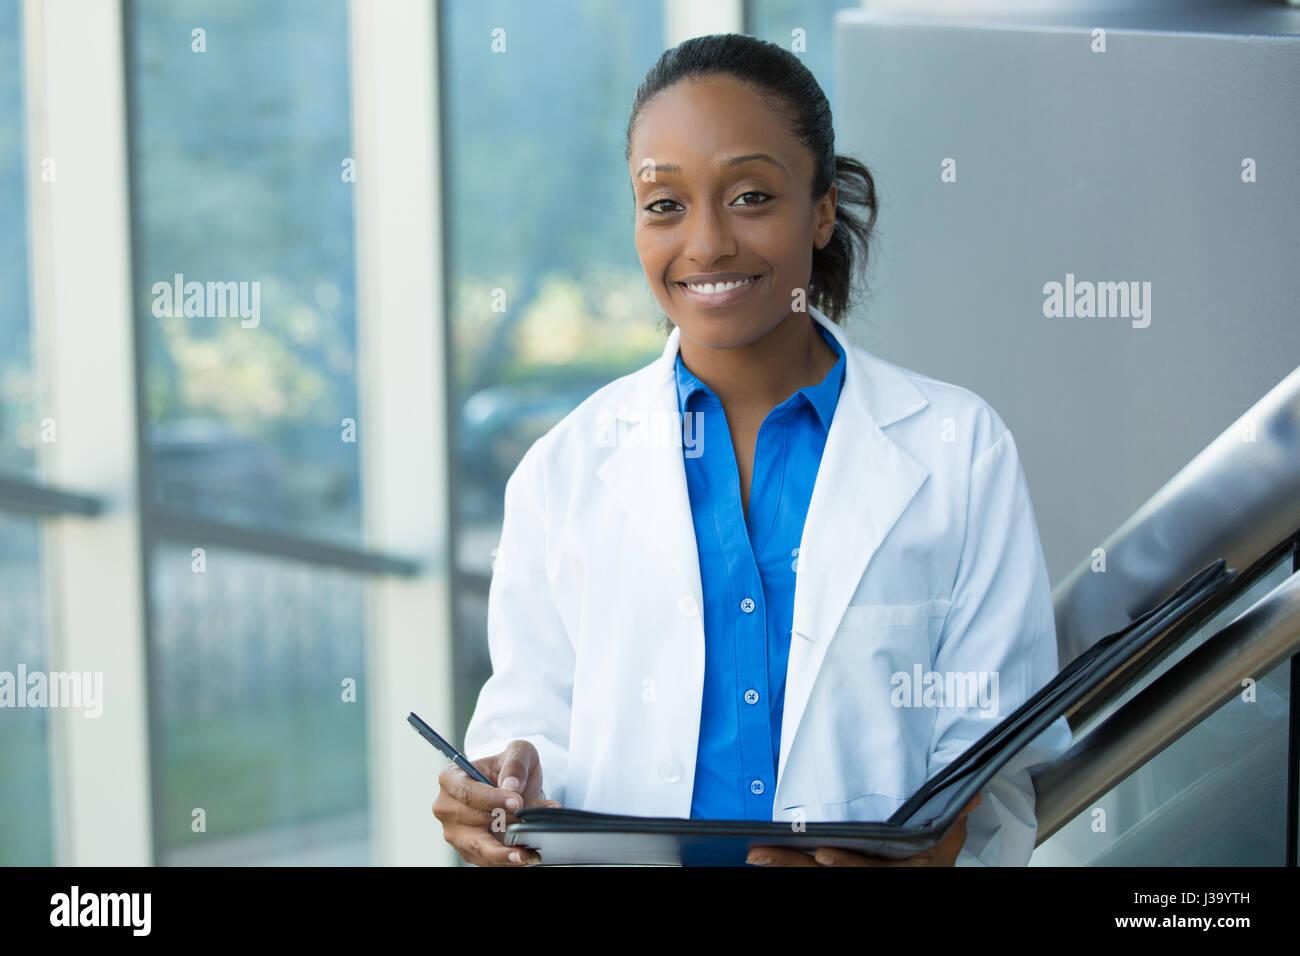 Closeup Kopfschuss Porträt freundlich, lächelnd zuversichtlich, Ärztin, Arzt mit Laborkittel, Pferch Stockbild